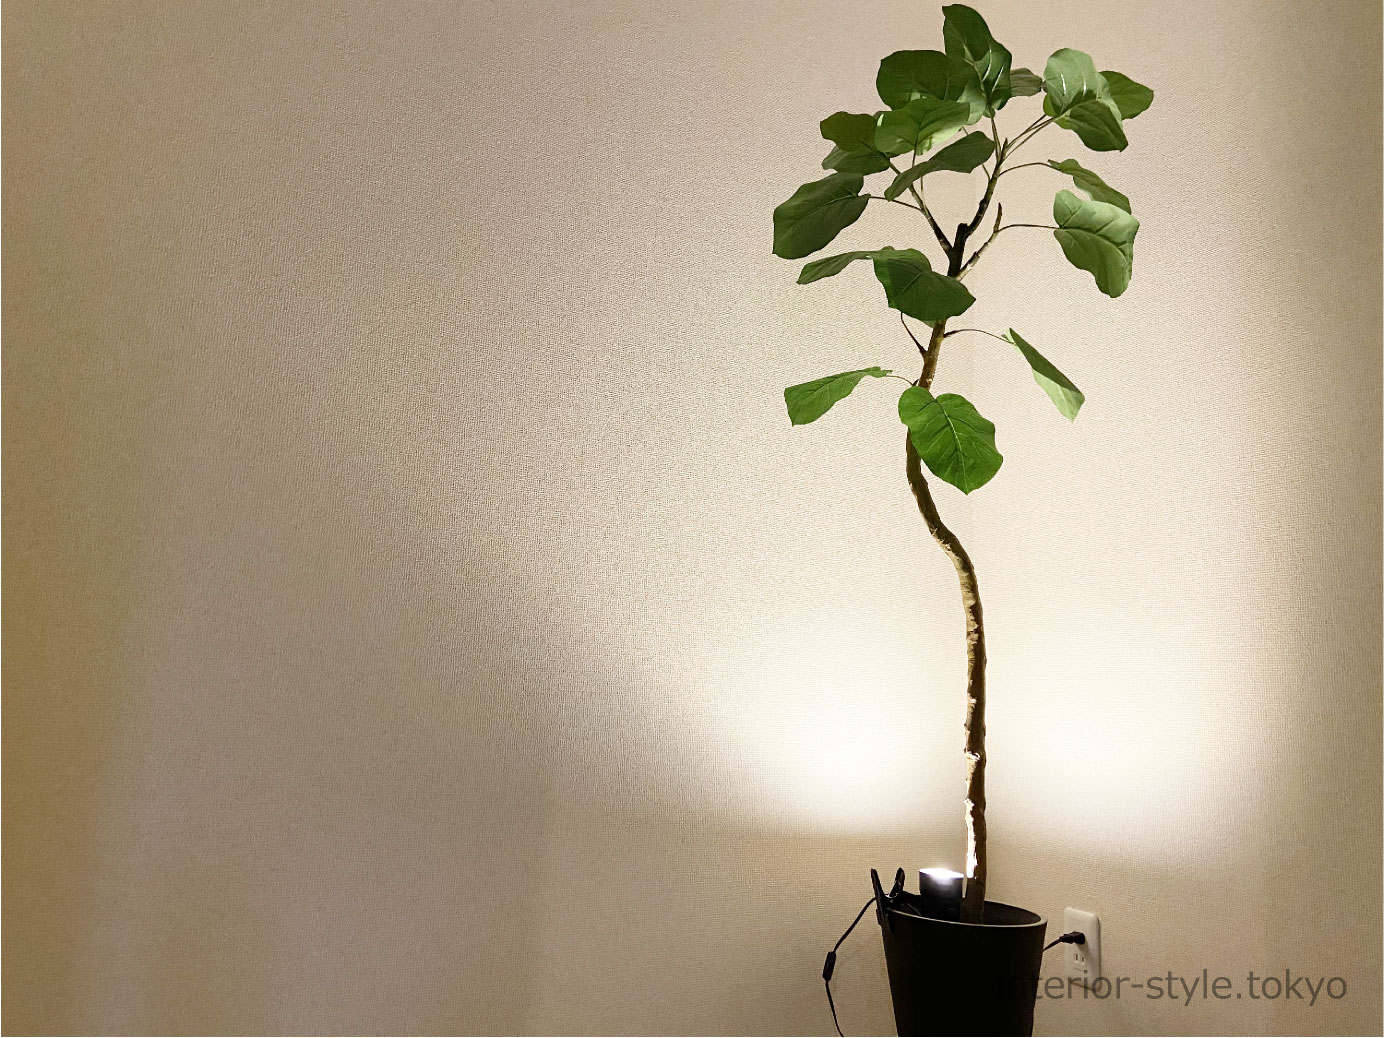 間接照明でライトアップされた観葉植物